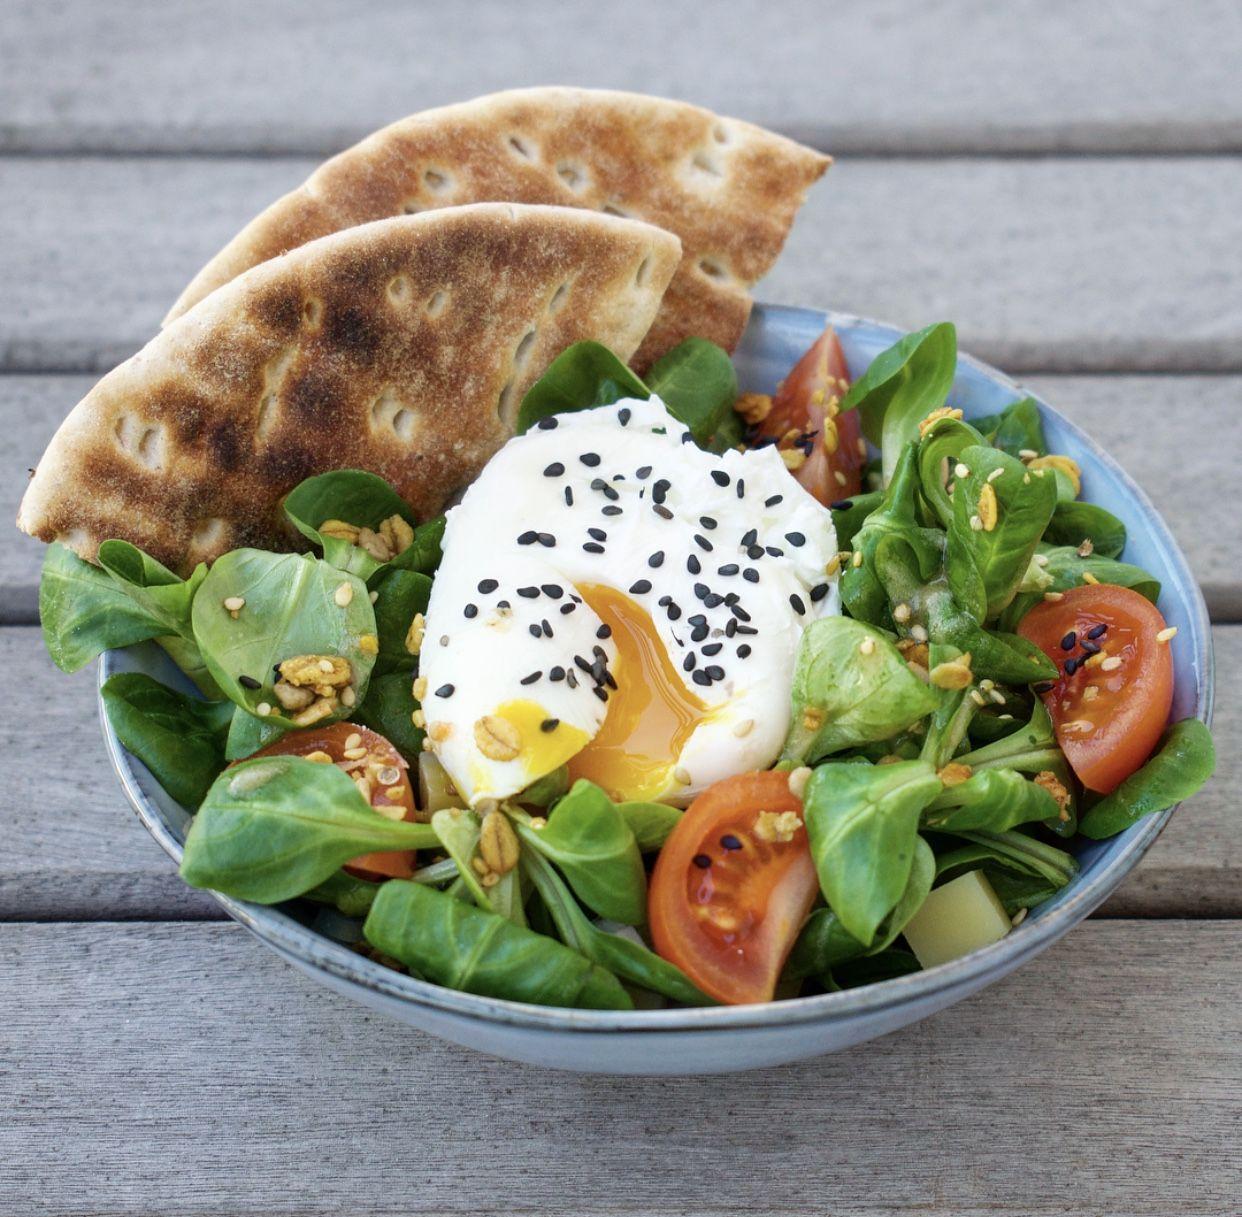 Recette saine et rapide de salade de m che avec un oeuf - Cuisine rapide et saine ...